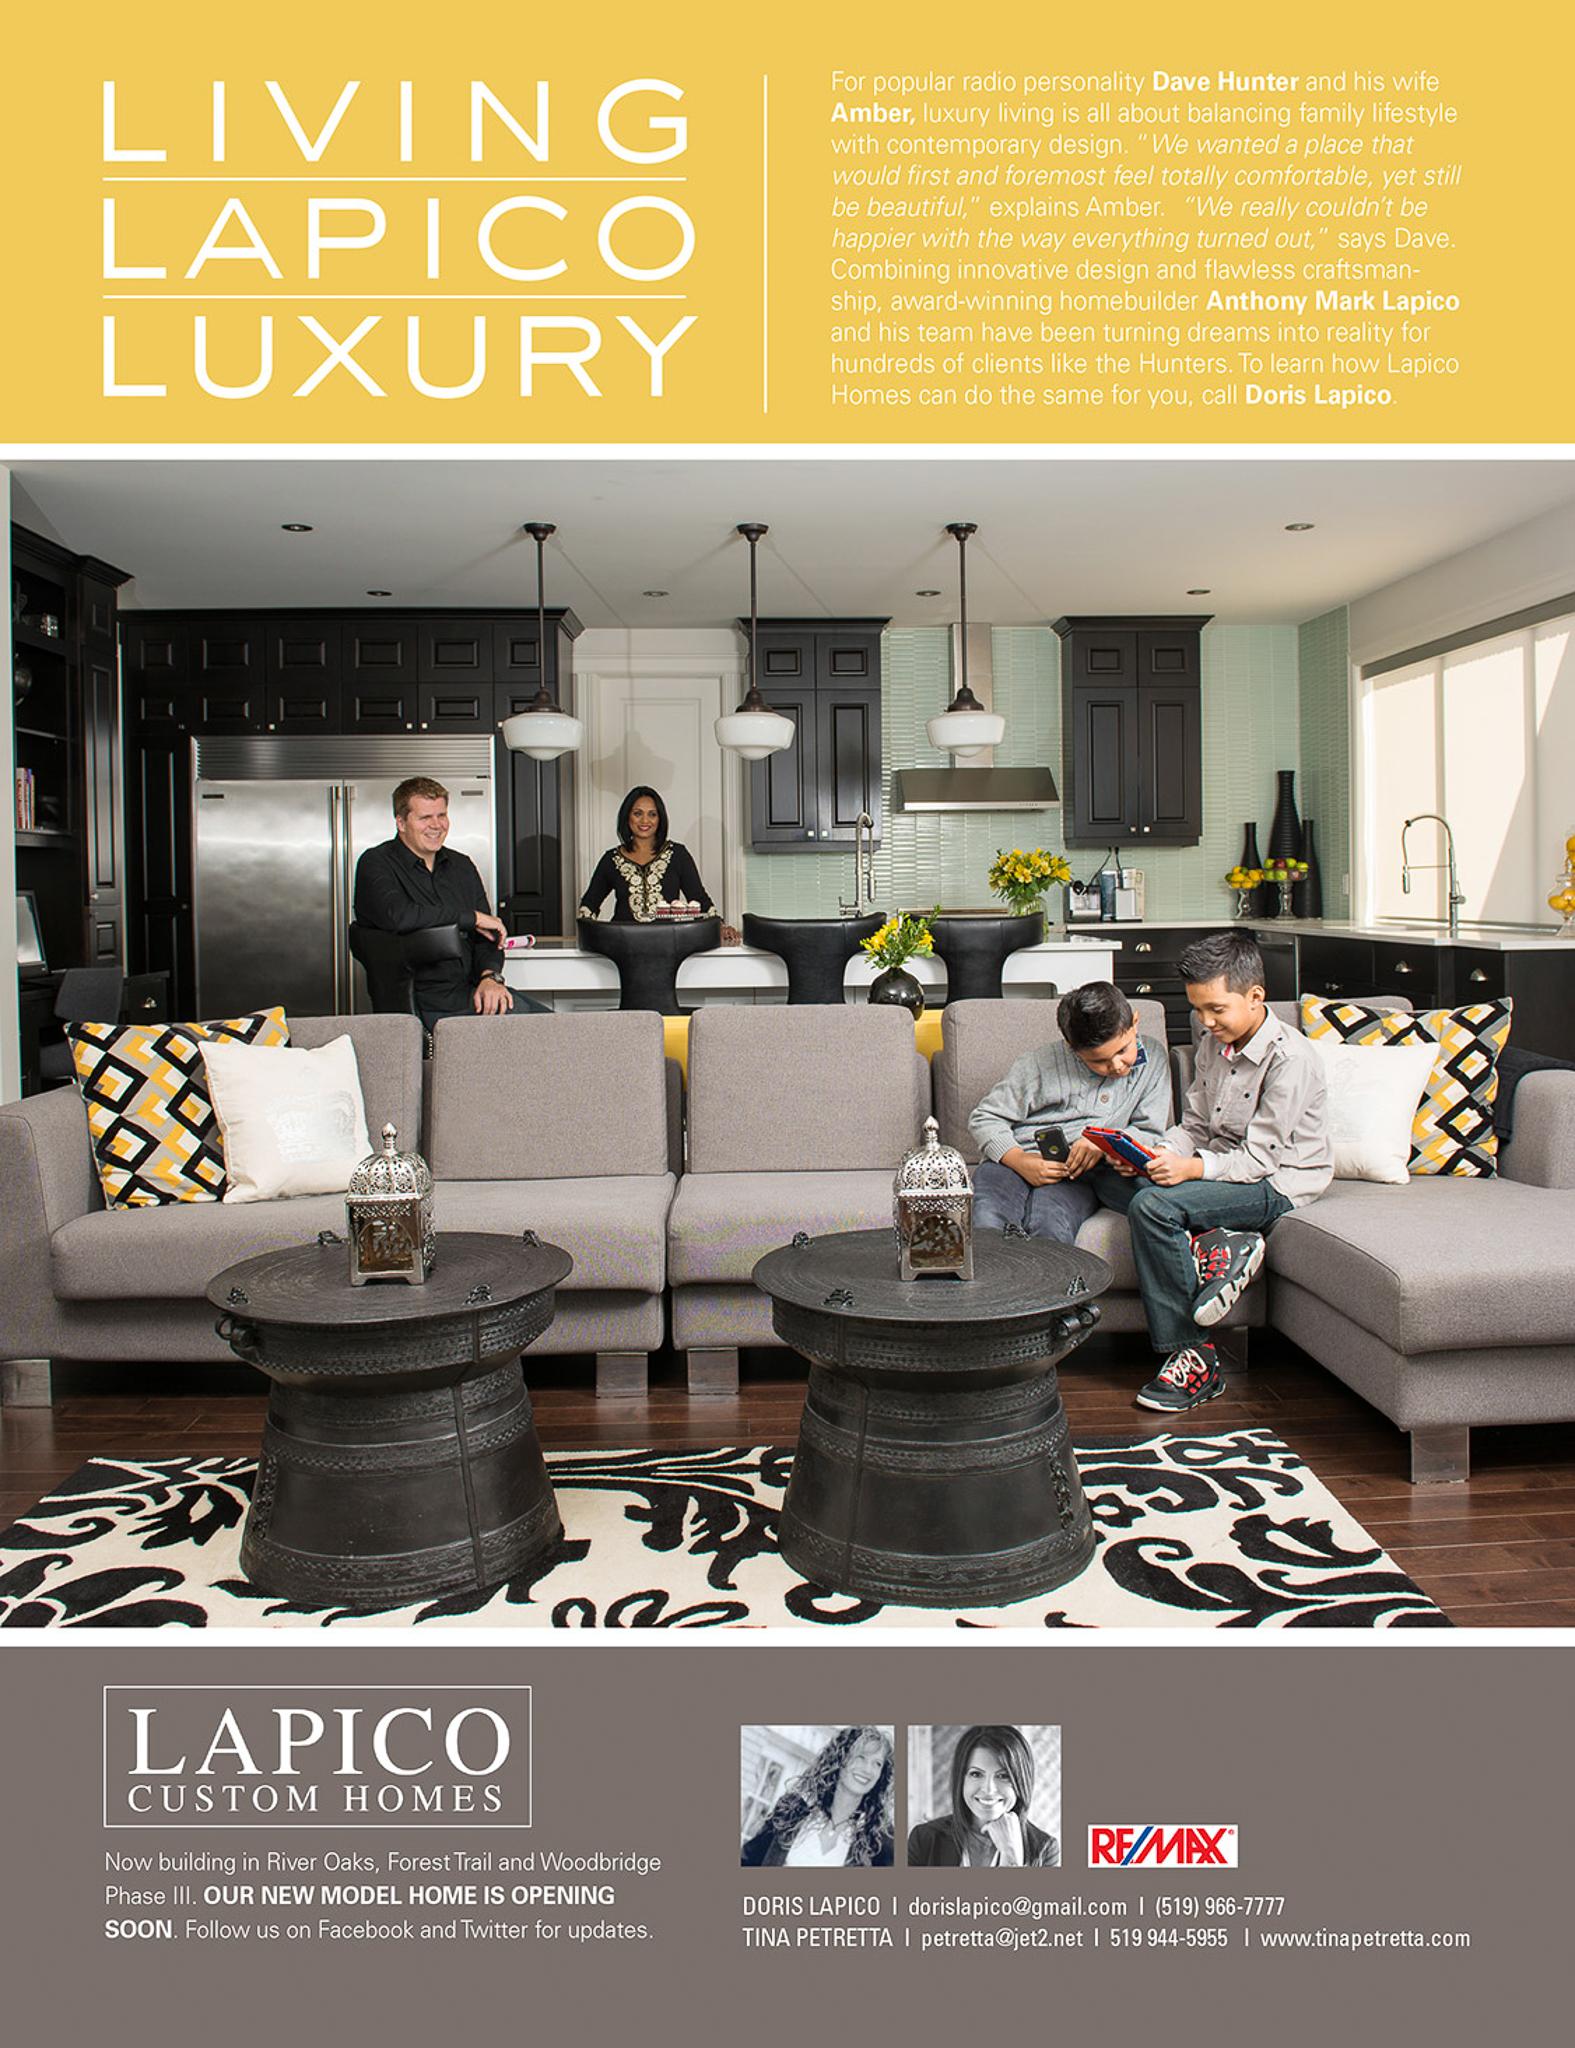 Lapico Custom Homes